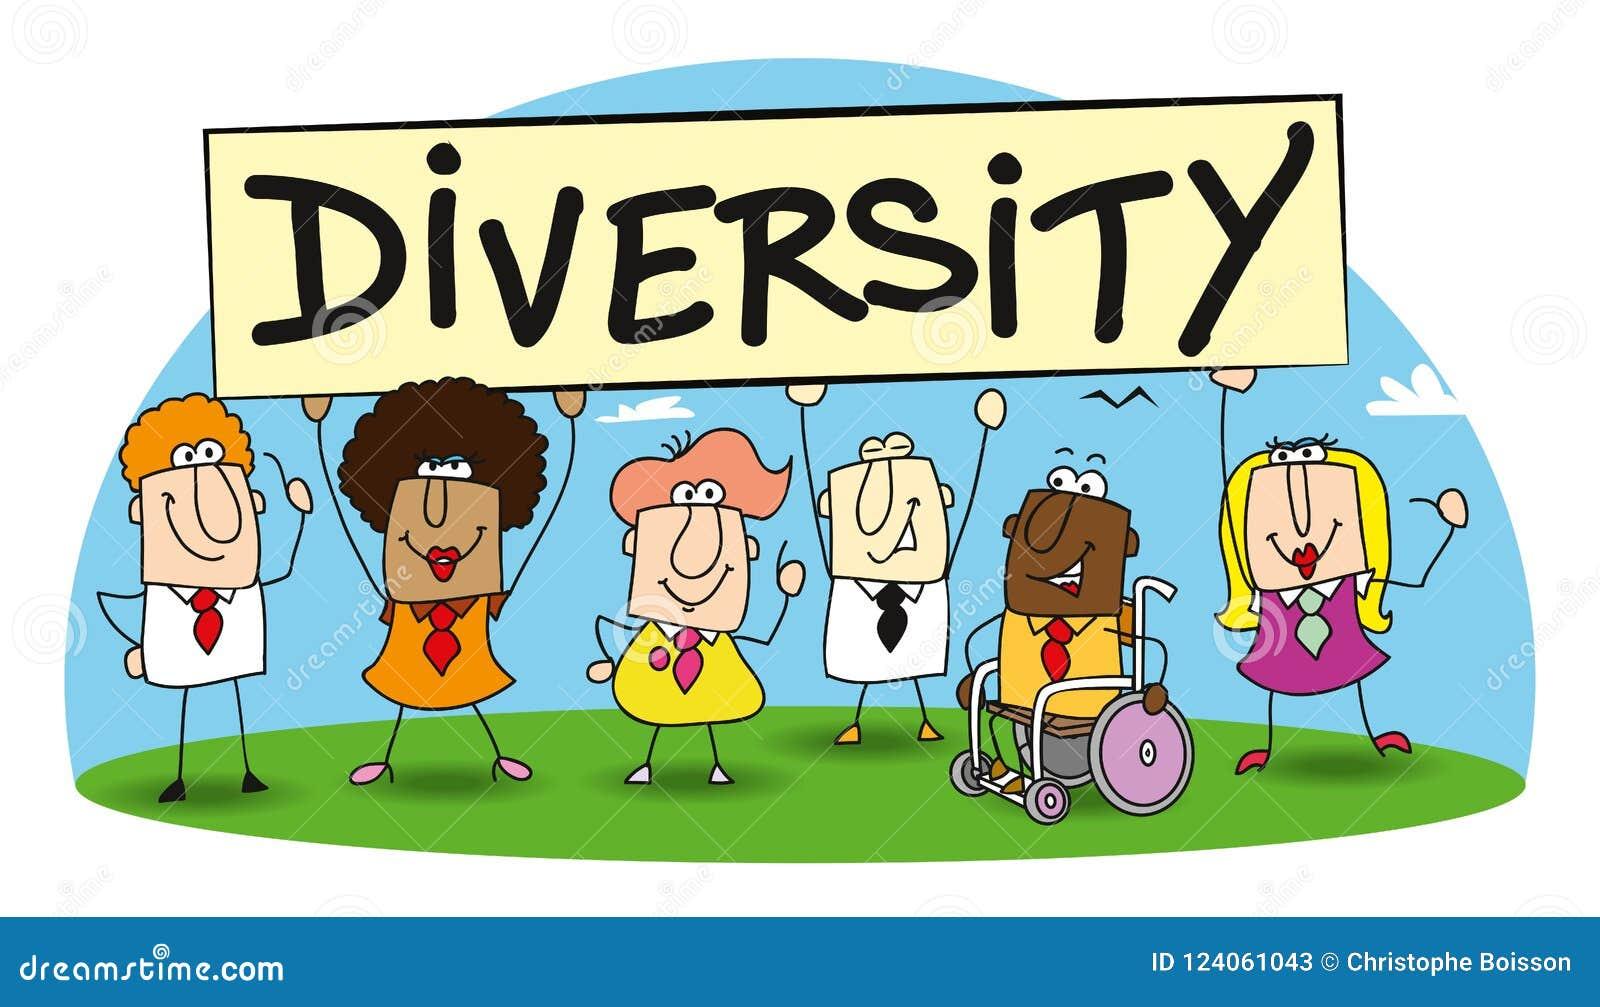 Diversité dans mon équipe